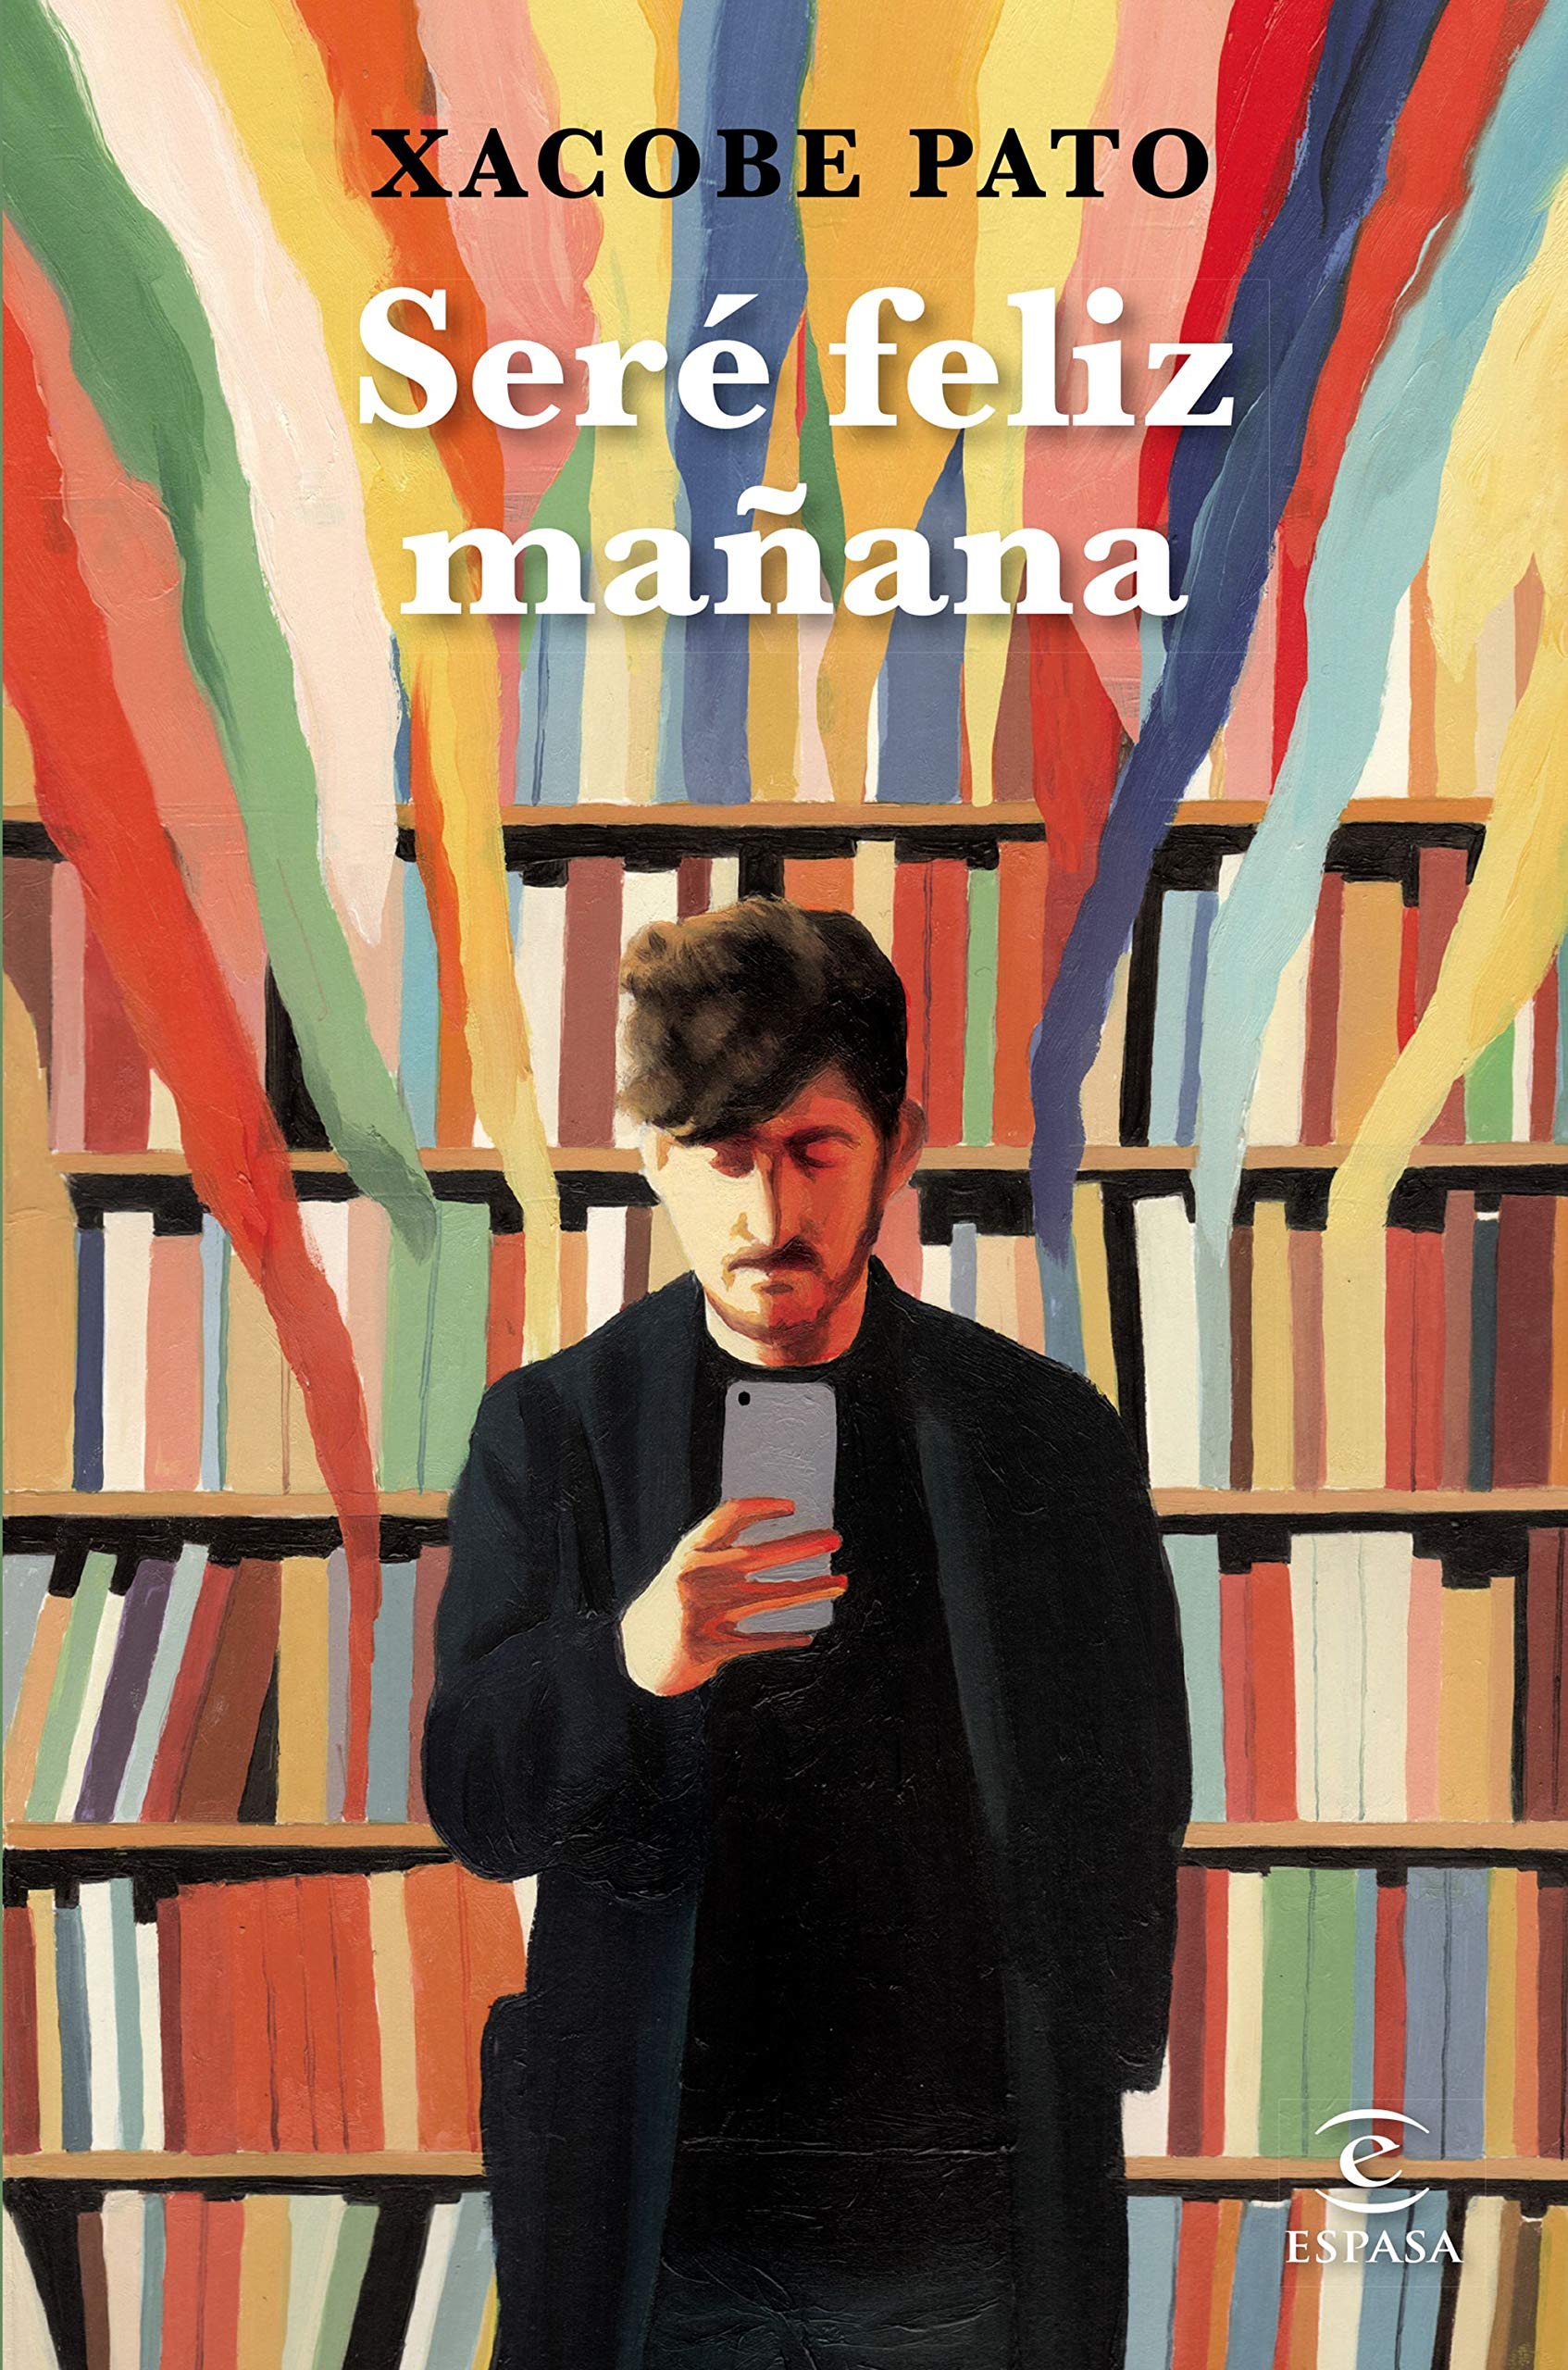 entrevista xacobe pato sere feliz mañana instagram libro comprar libreria coronavirus futuro